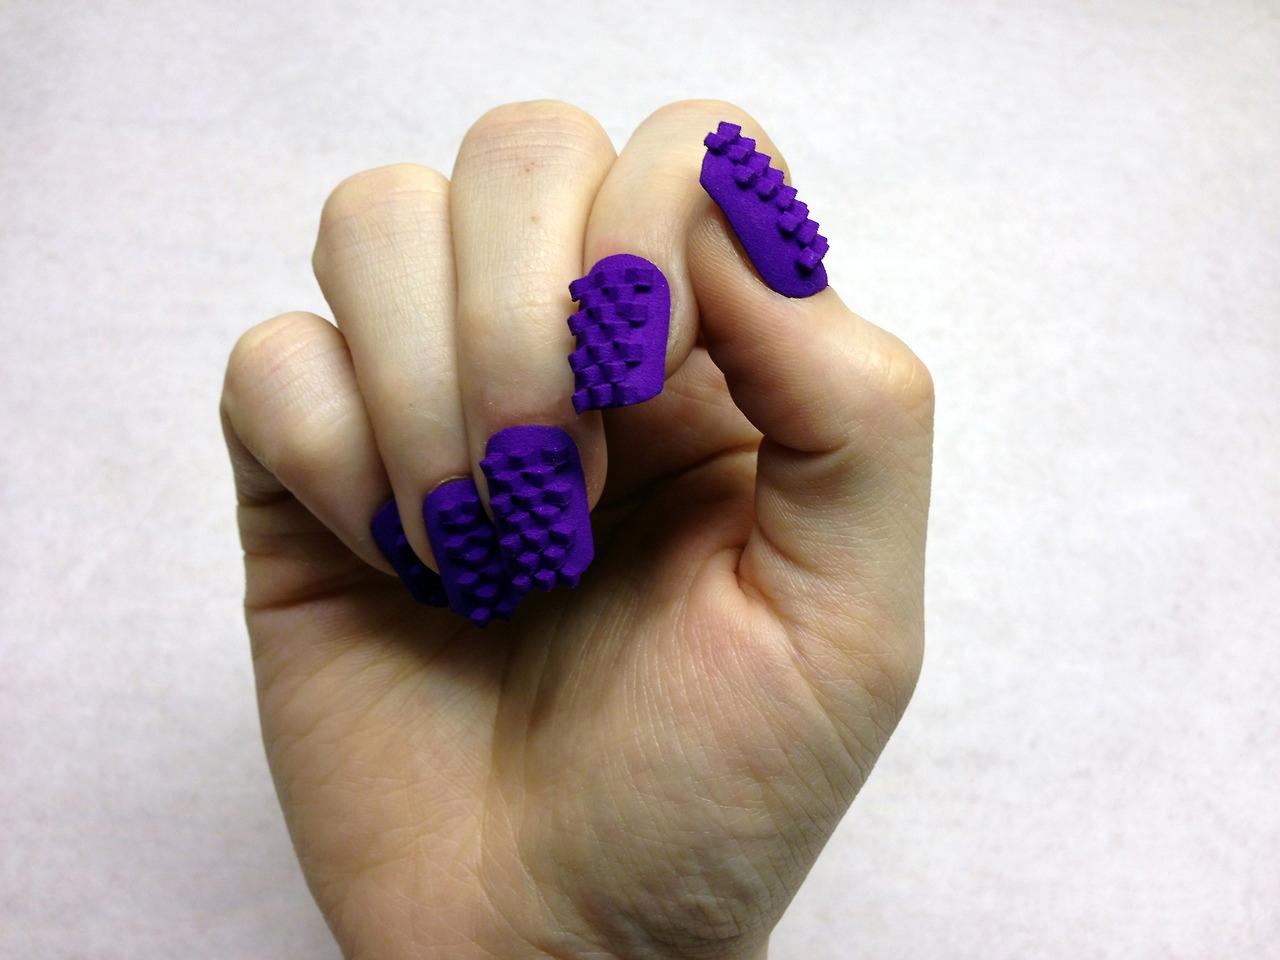 Manicure high-tech: Uñas acrílicas 3D TheLaserGirl